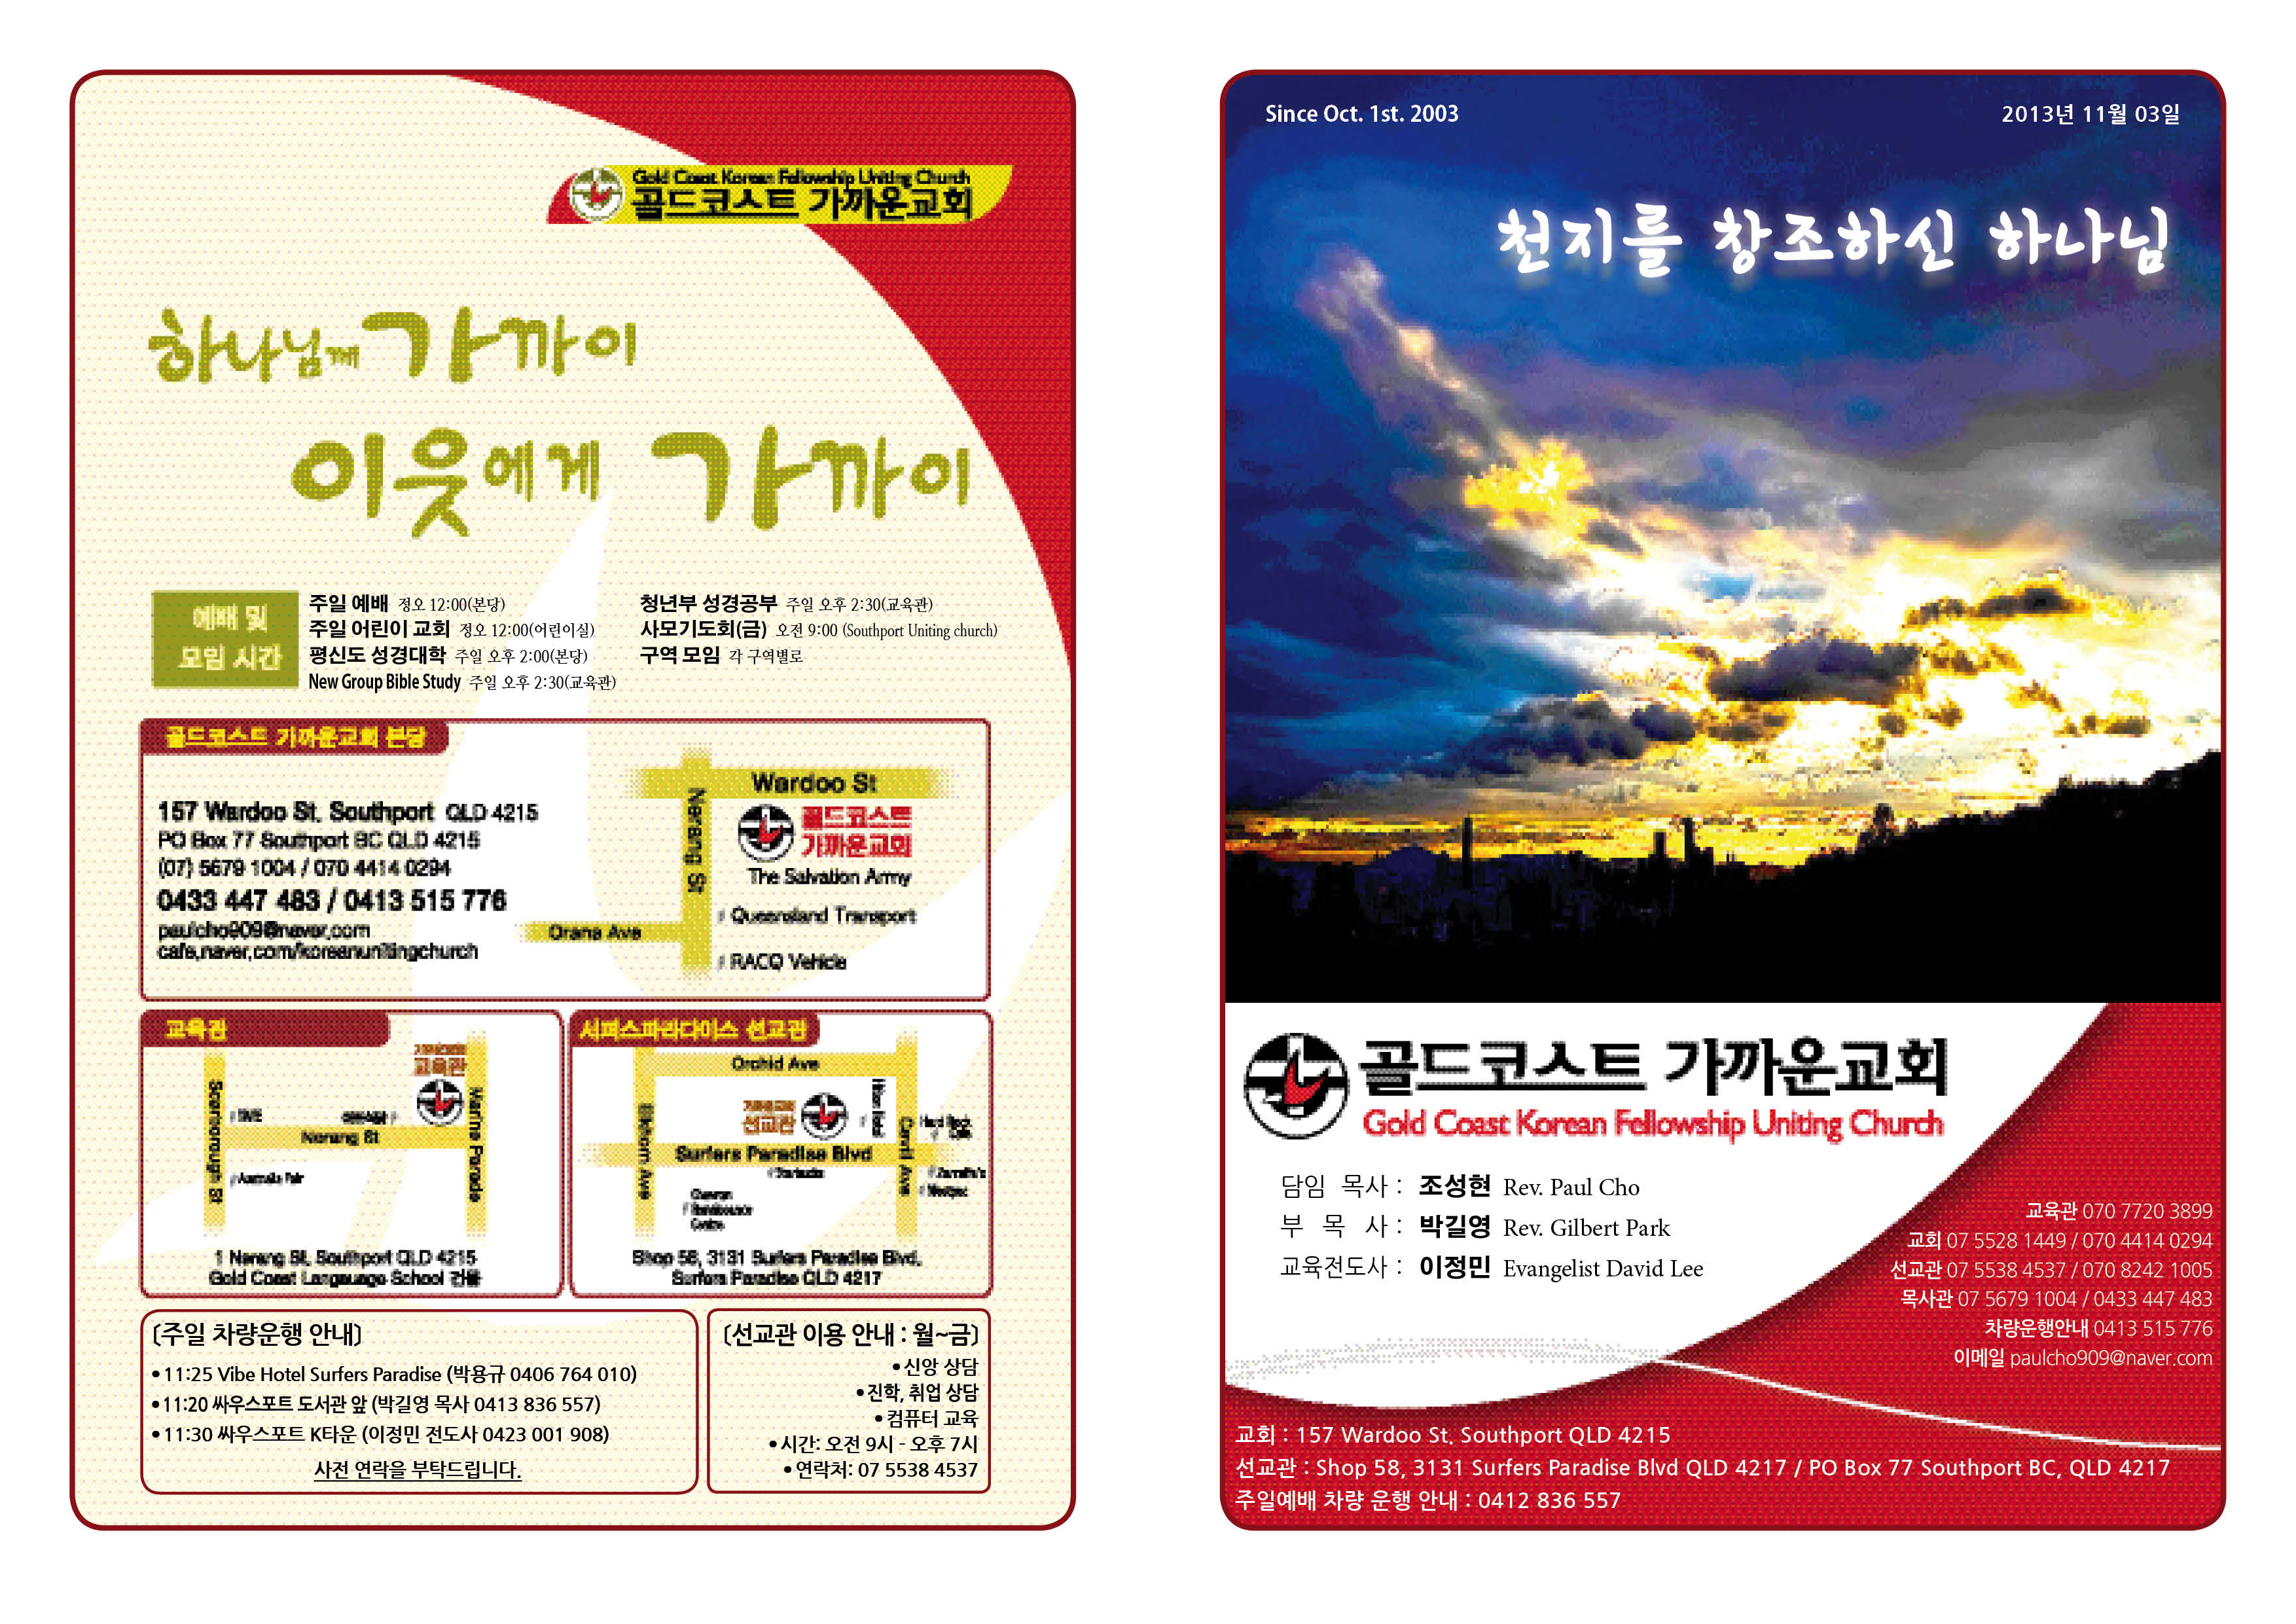 2013.11.03 주보(1차 수정).jpg